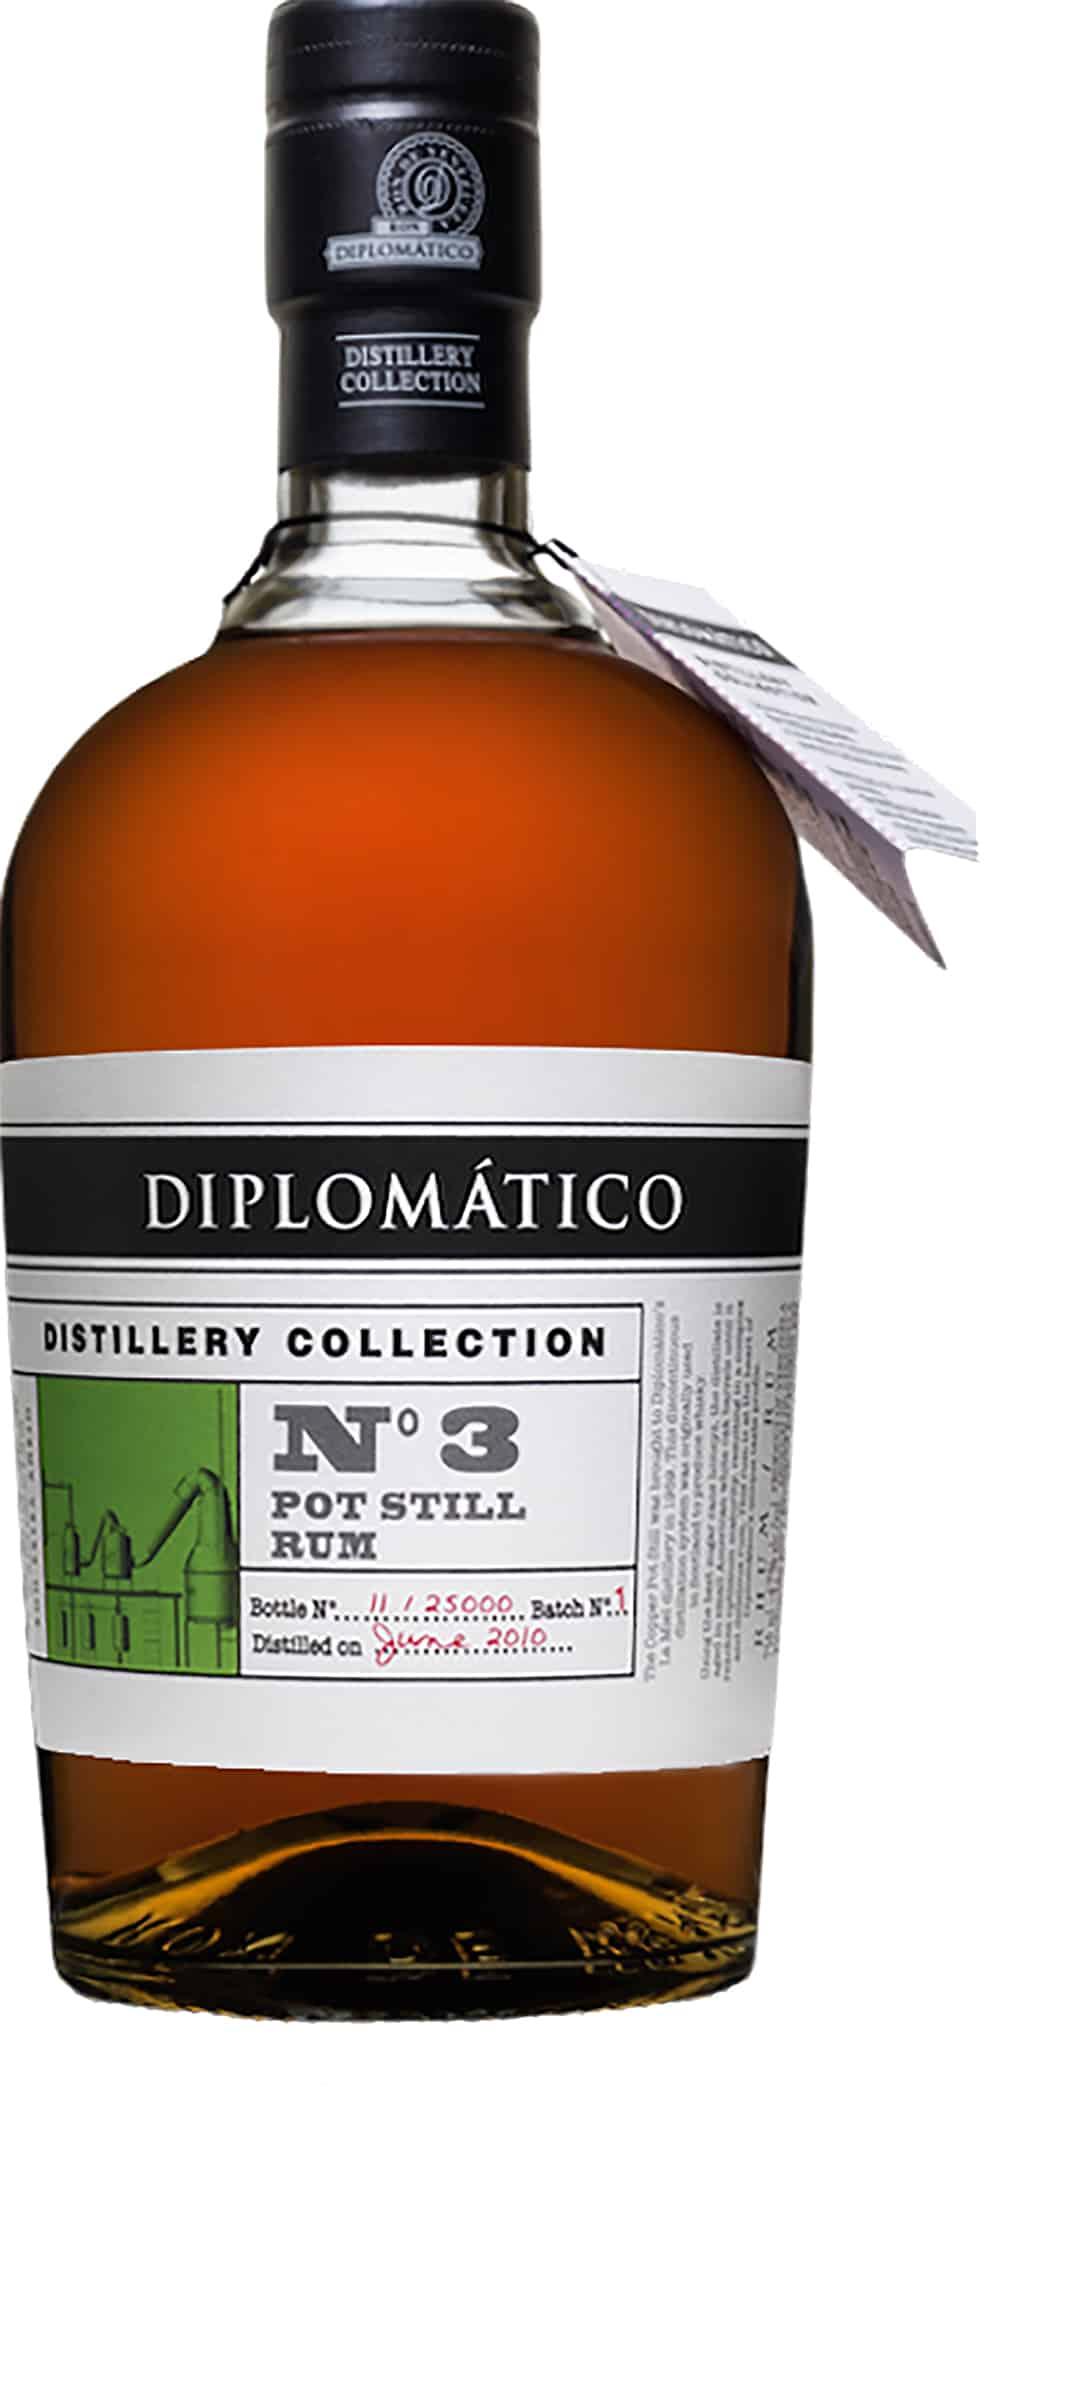 Diplomático Distillery Collection Nº3 Pot Still